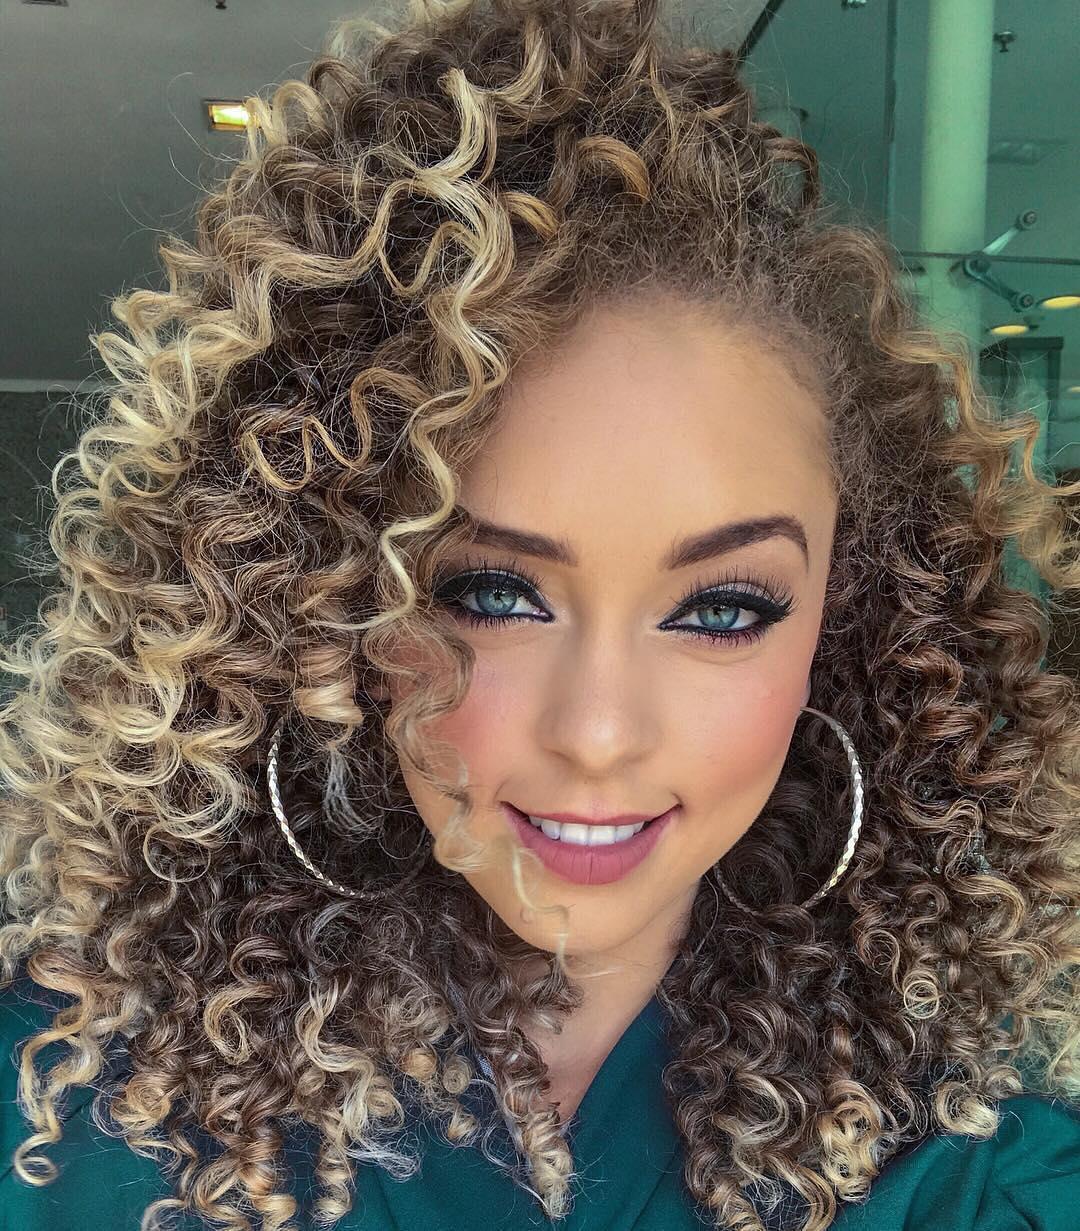 capelli ricci lunghi